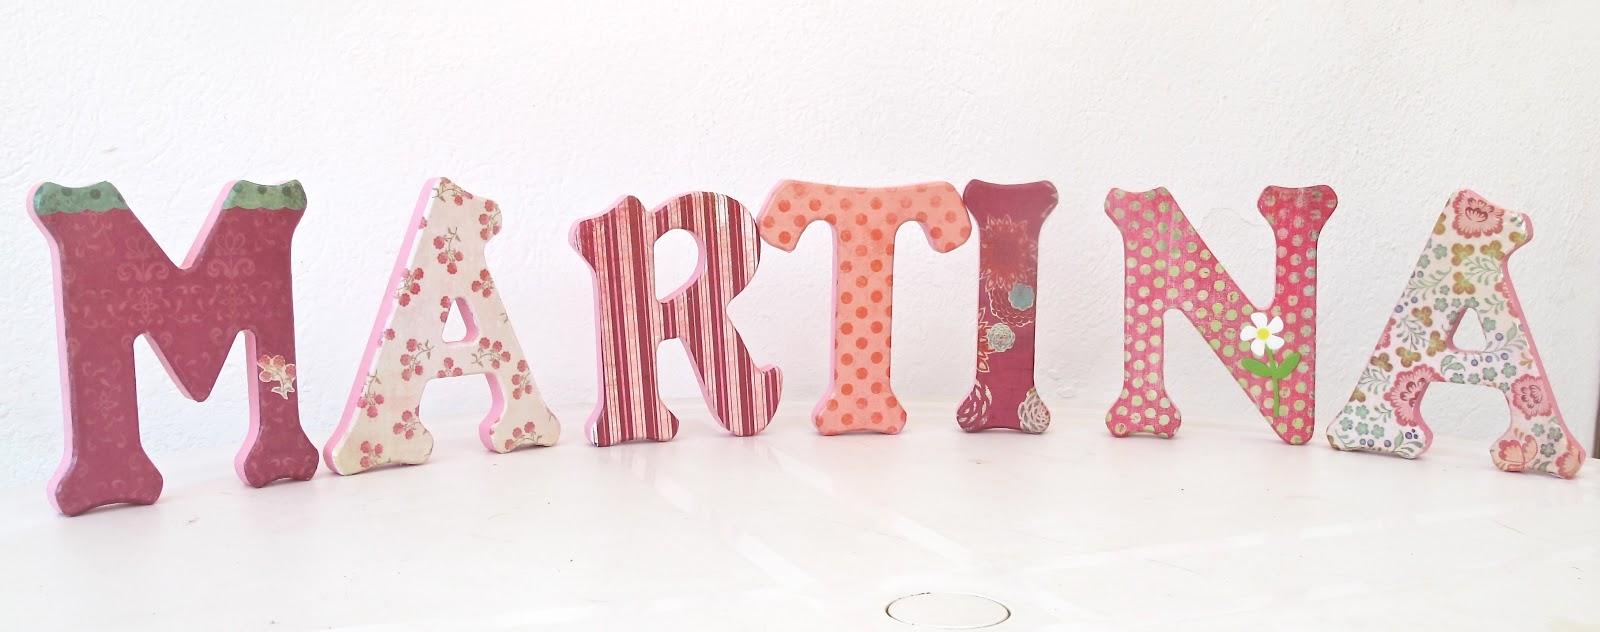 Letras decorativas en madera imagui - Letras de madera decorativas ...